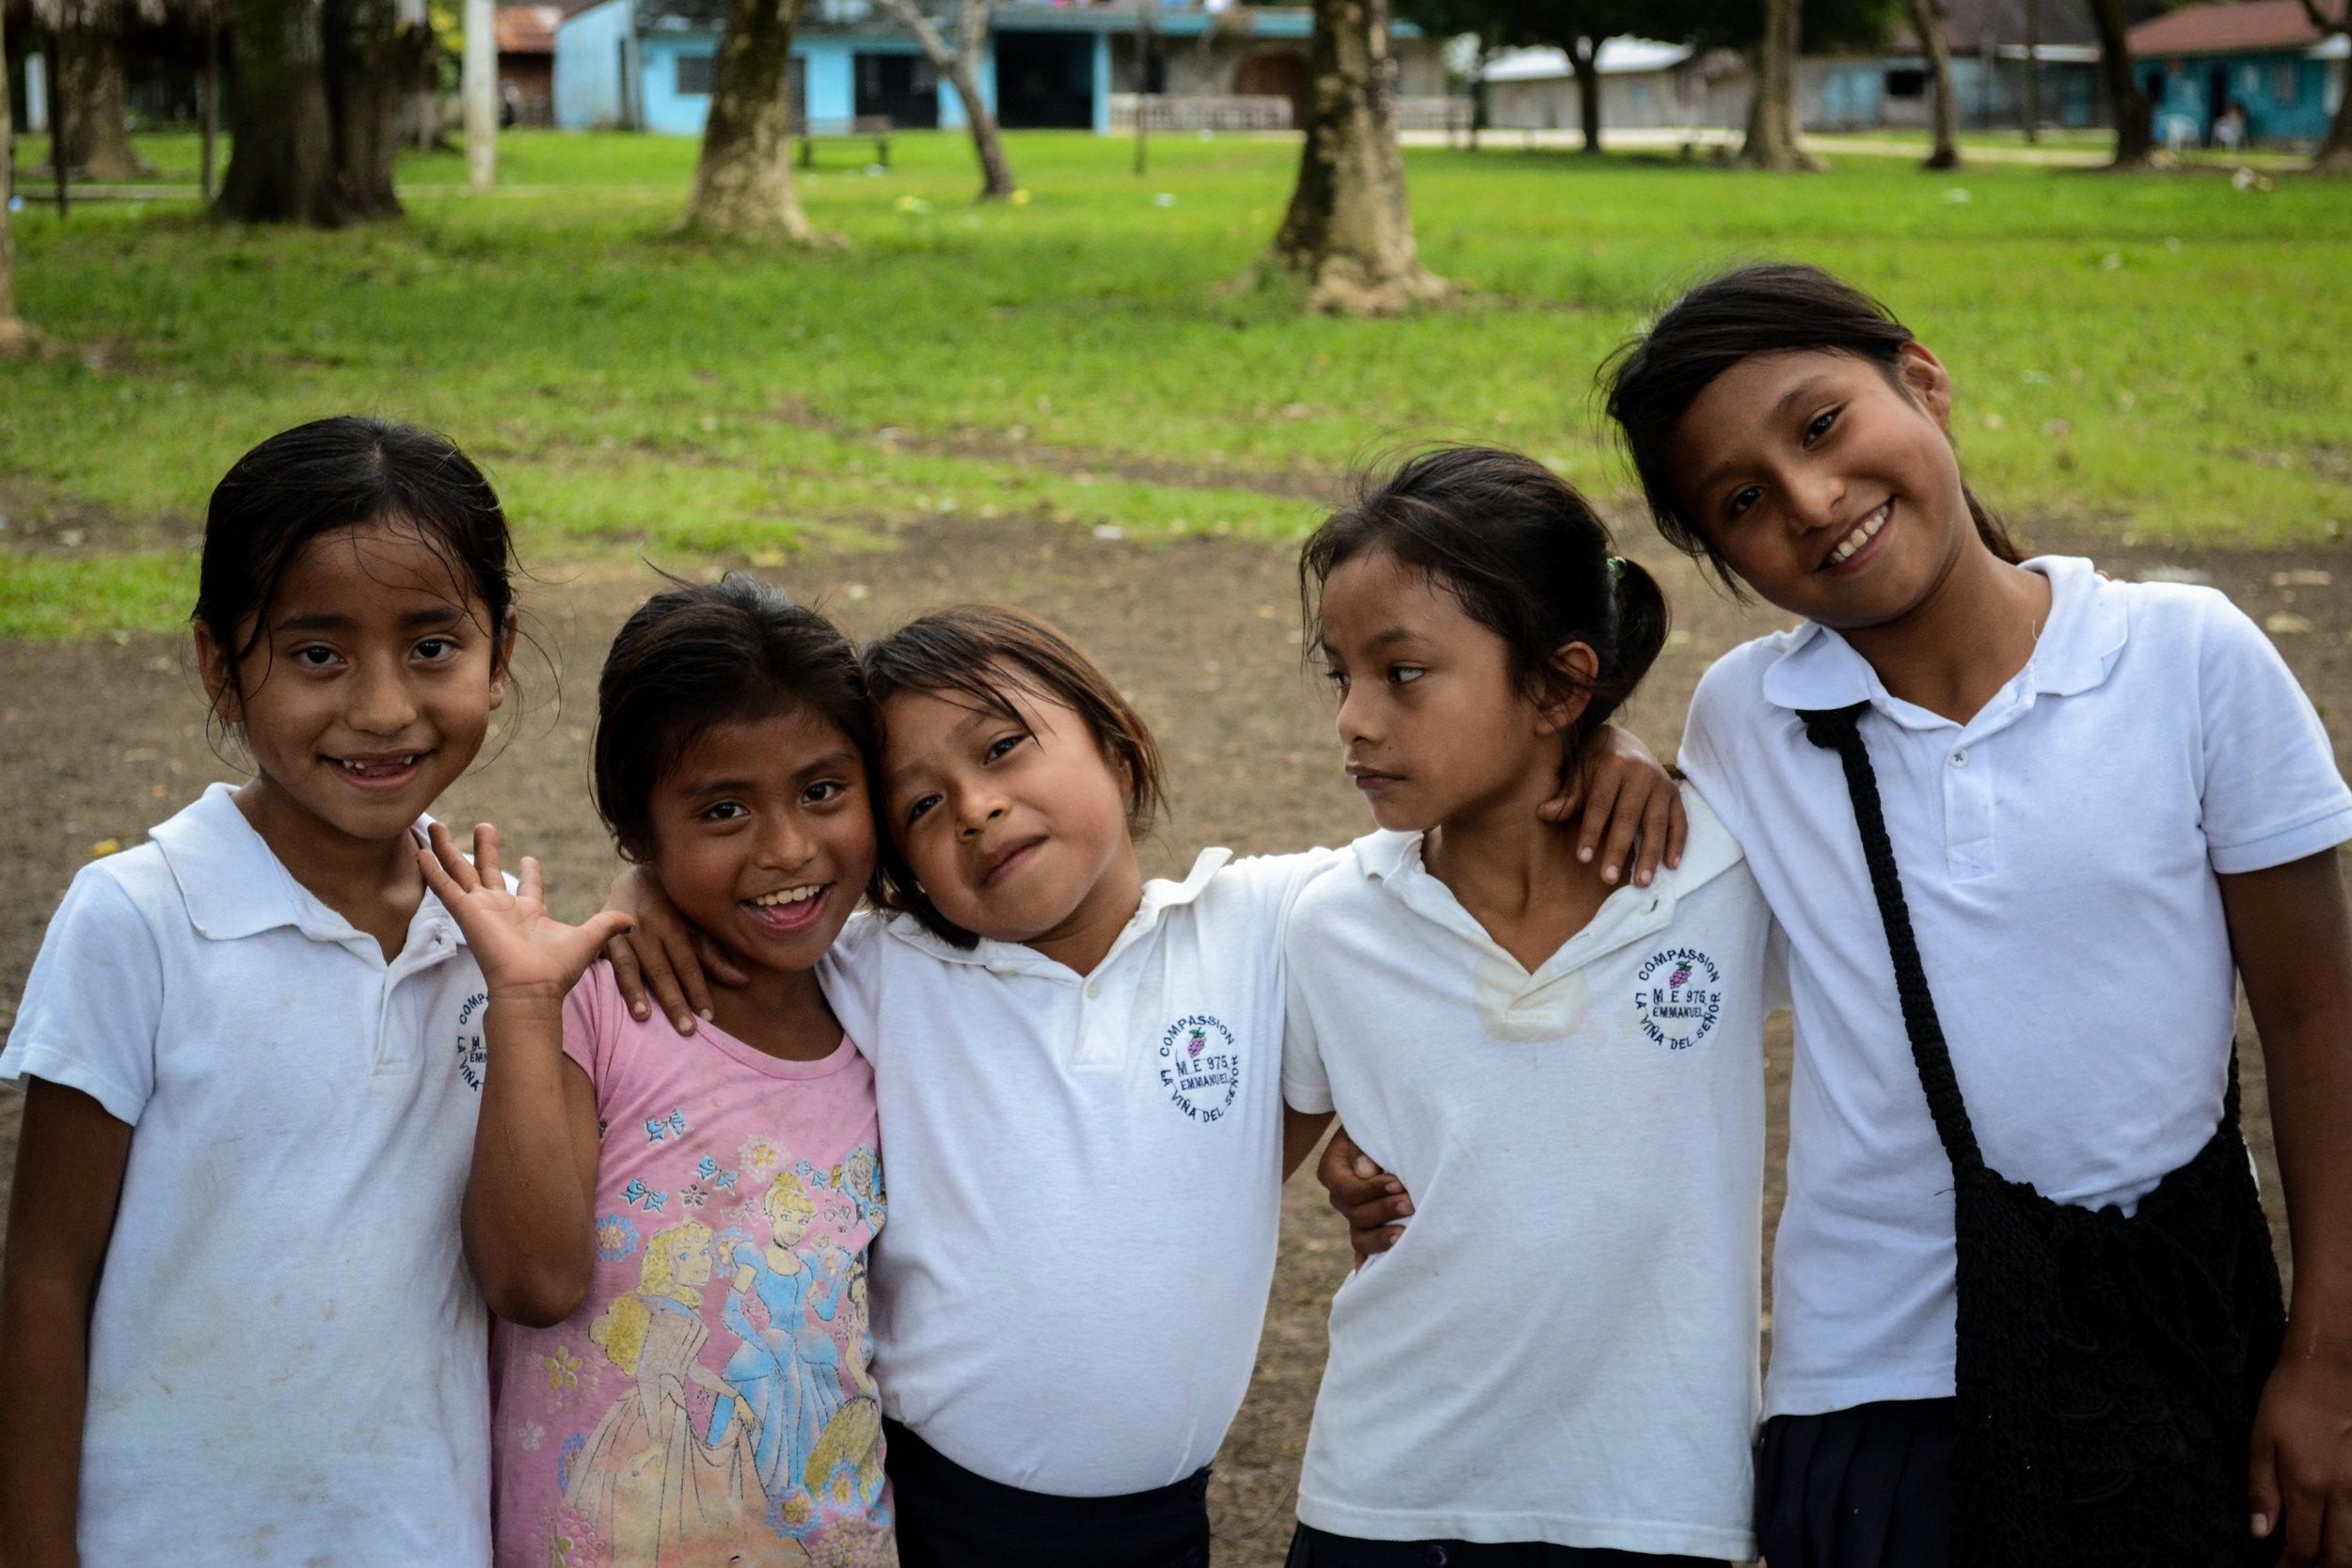 Compassion center in Mexico